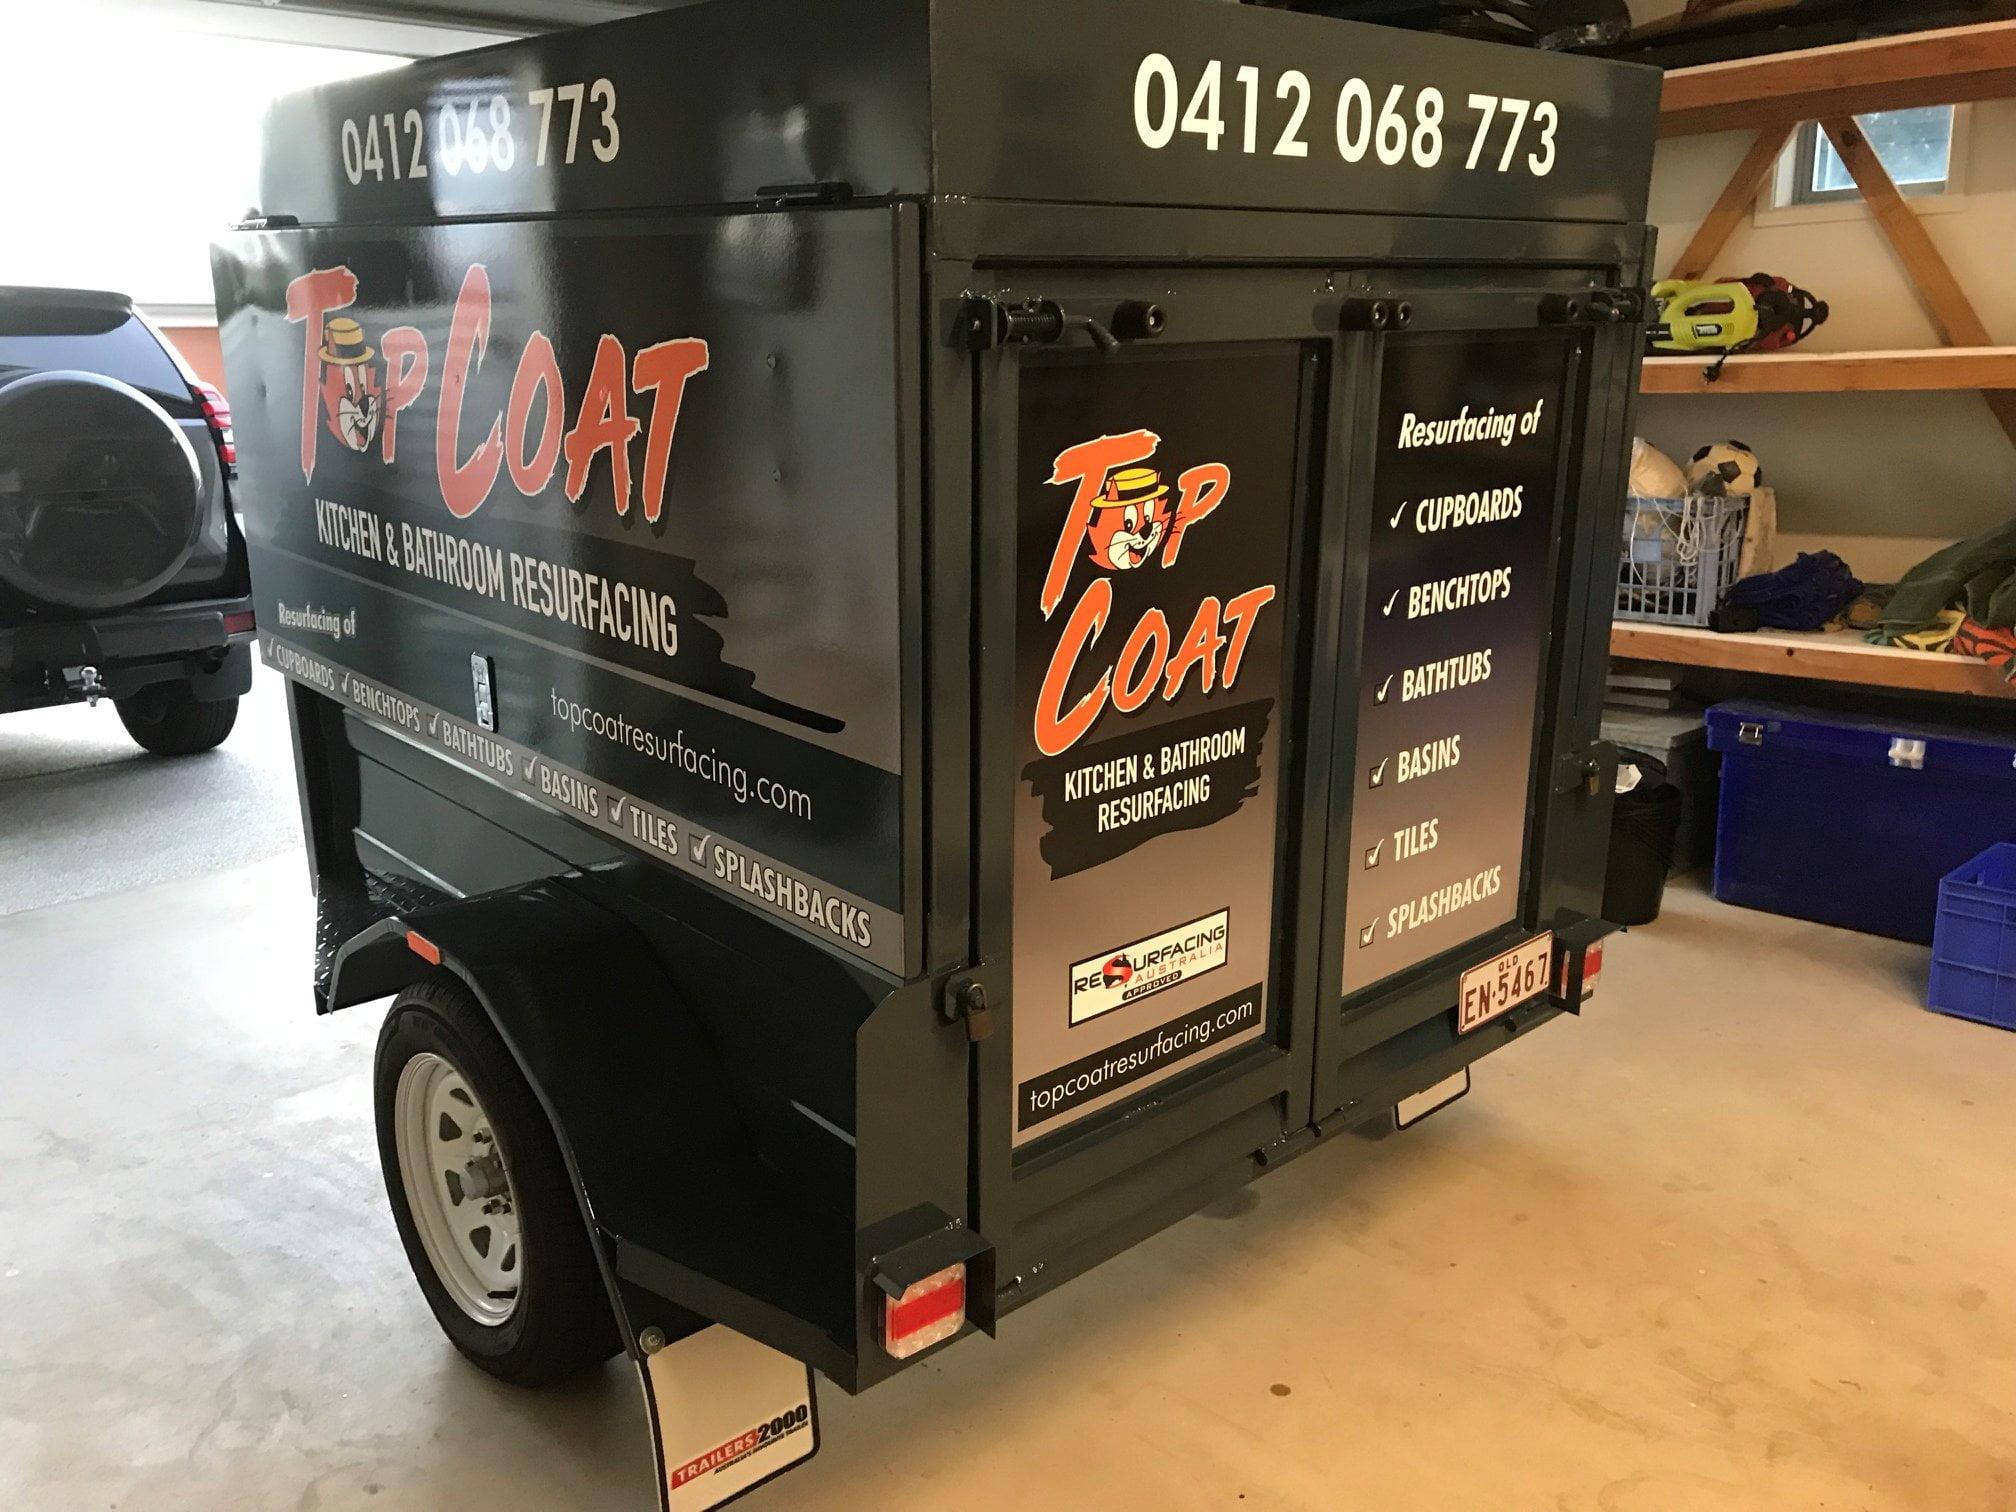 topcoat-kitchen-bathroom-resurfacing-trailer